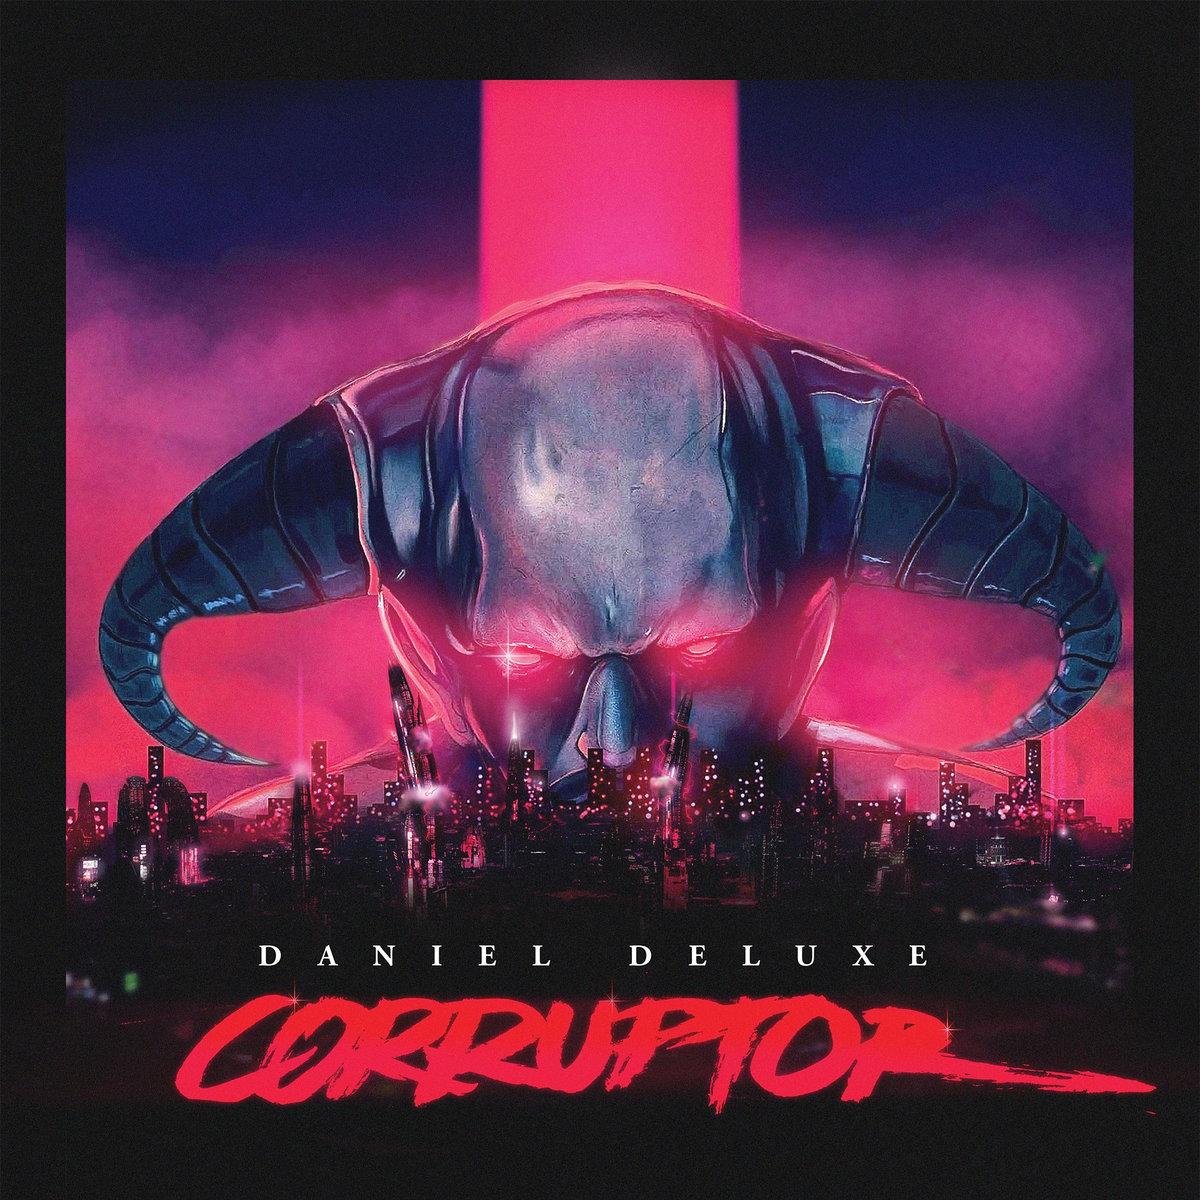 Corruptor (Daniel Deluxe) | Synthwave Wiki | FANDOM powered